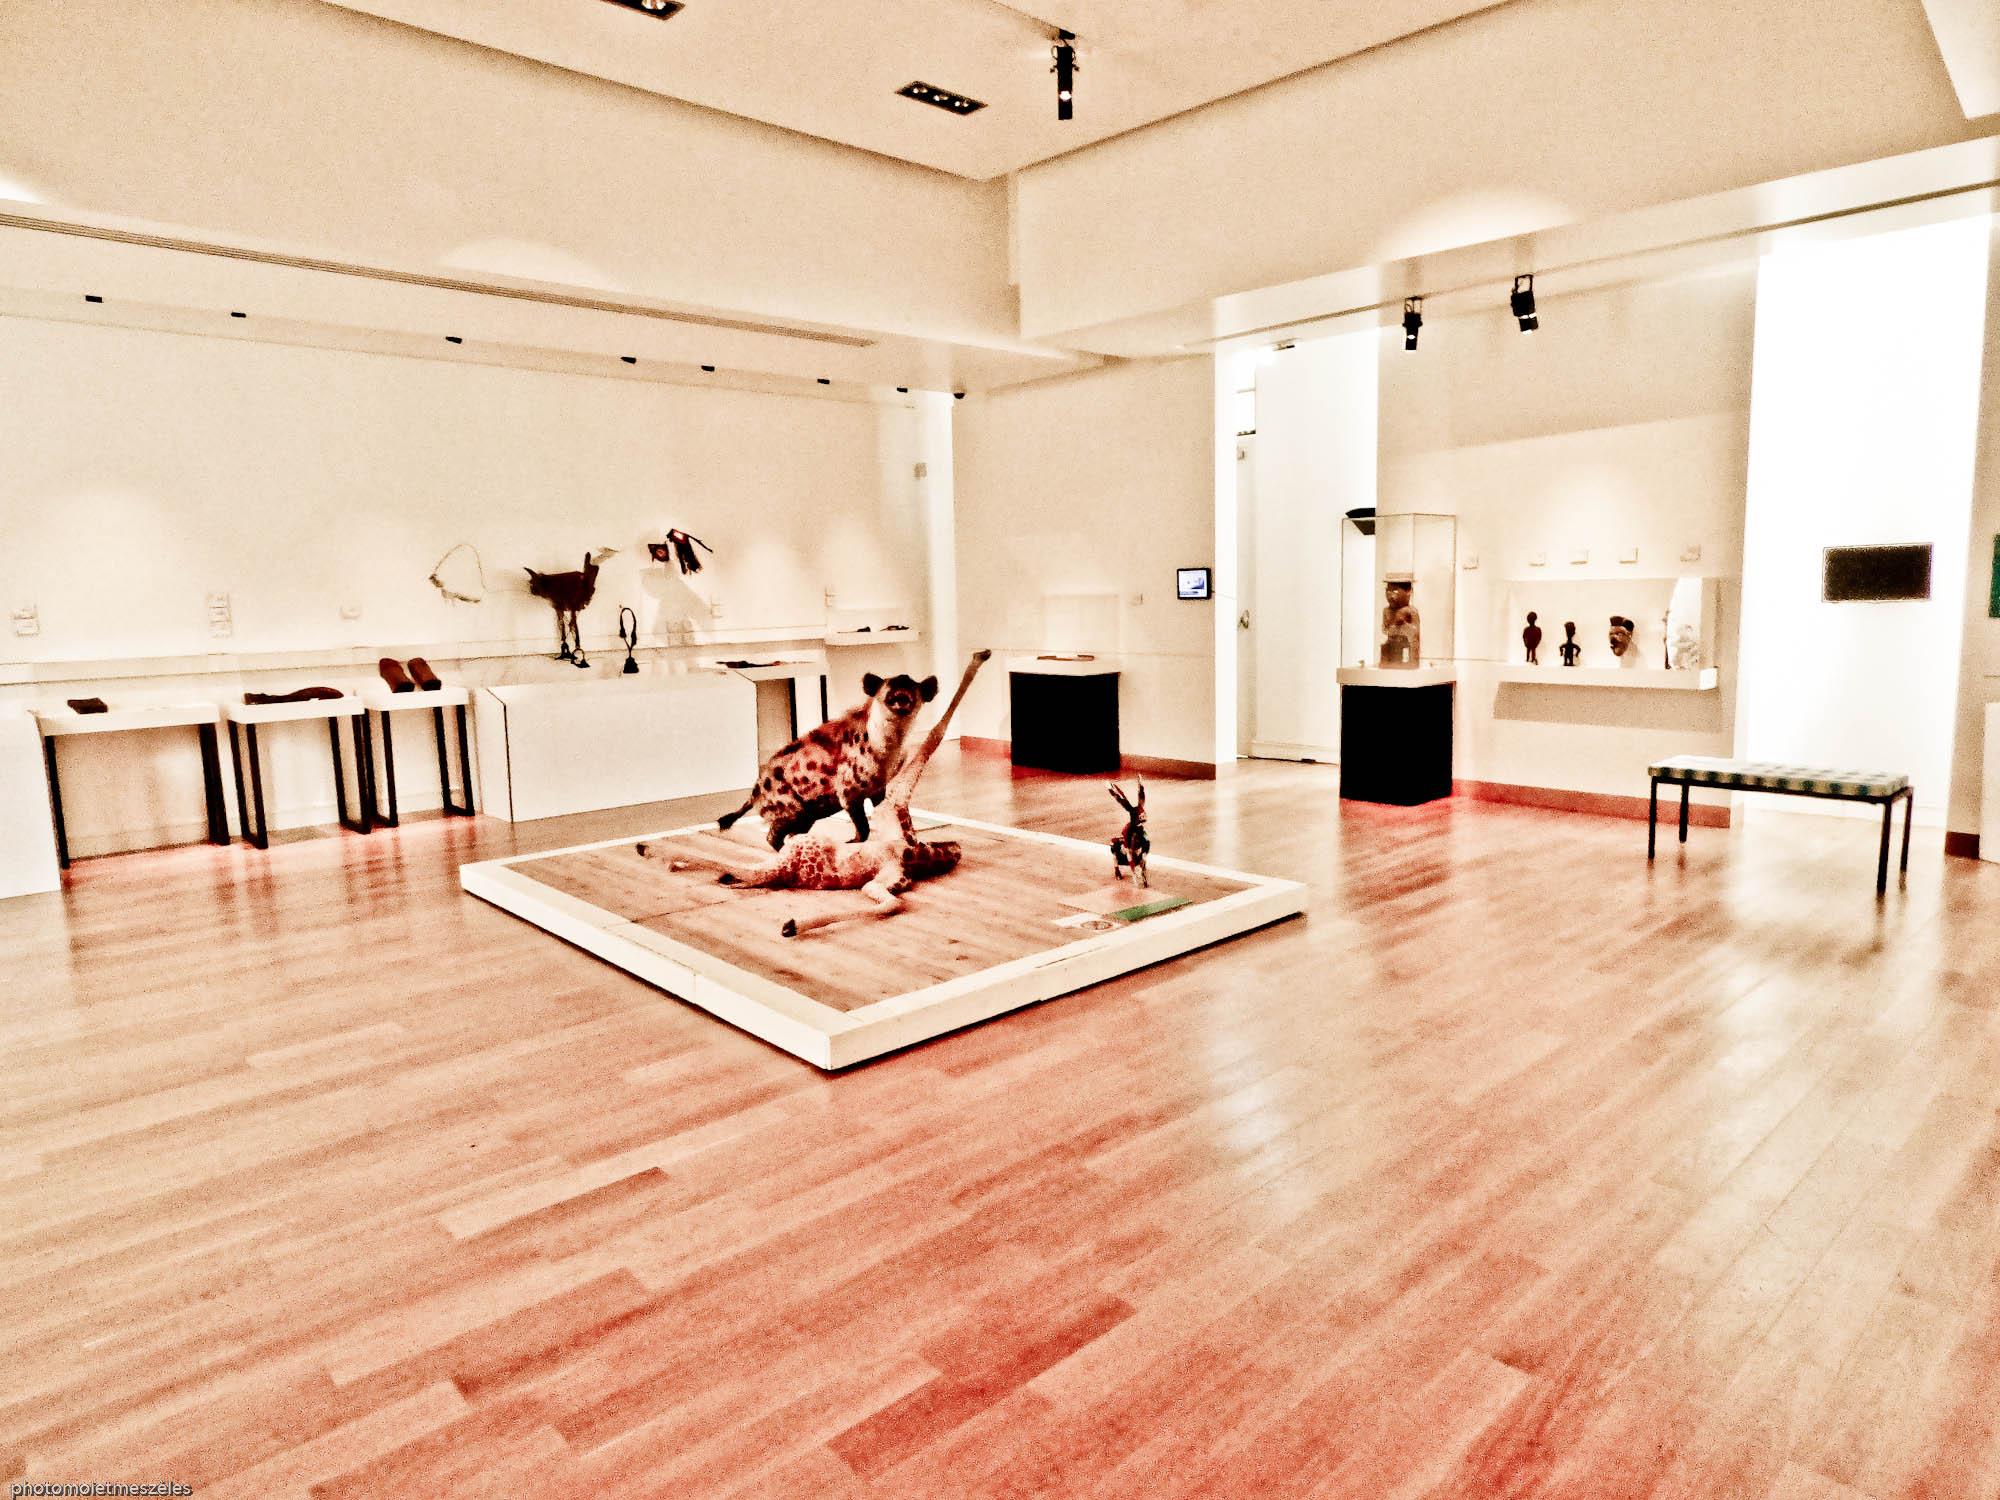 première salle d'exposition Le havre-Dakar musée d'histoire naturelle du Havre